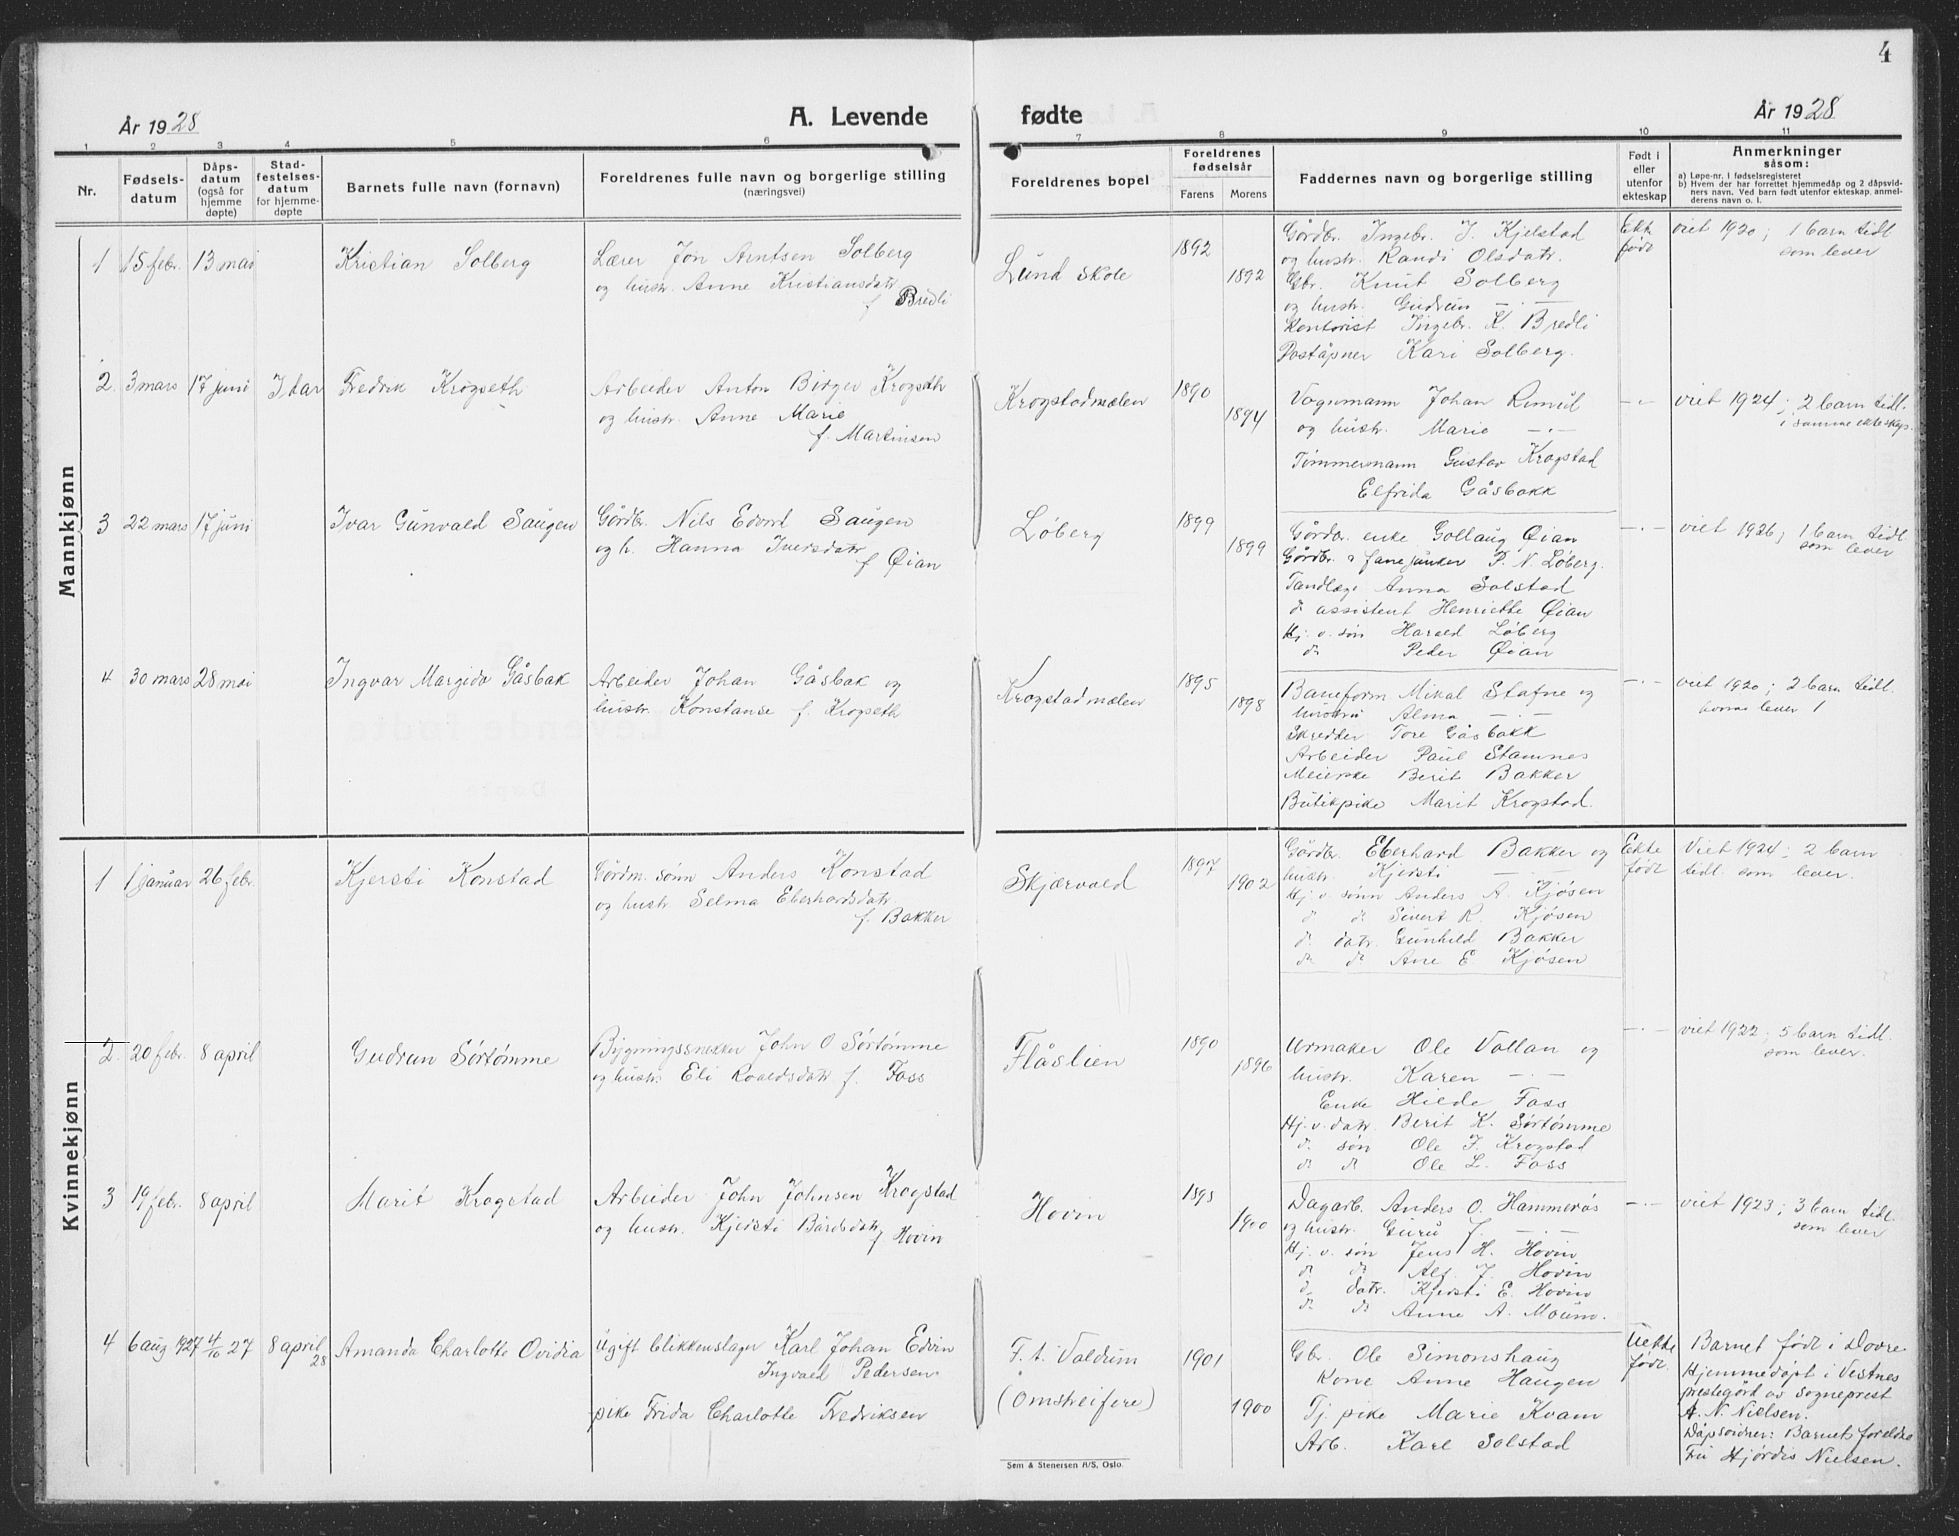 SAT, Ministerialprotokoller, klokkerbøker og fødselsregistre - Sør-Trøndelag, 692/L1114: Klokkerbok nr. 692C09, 1928-1935, s. 4